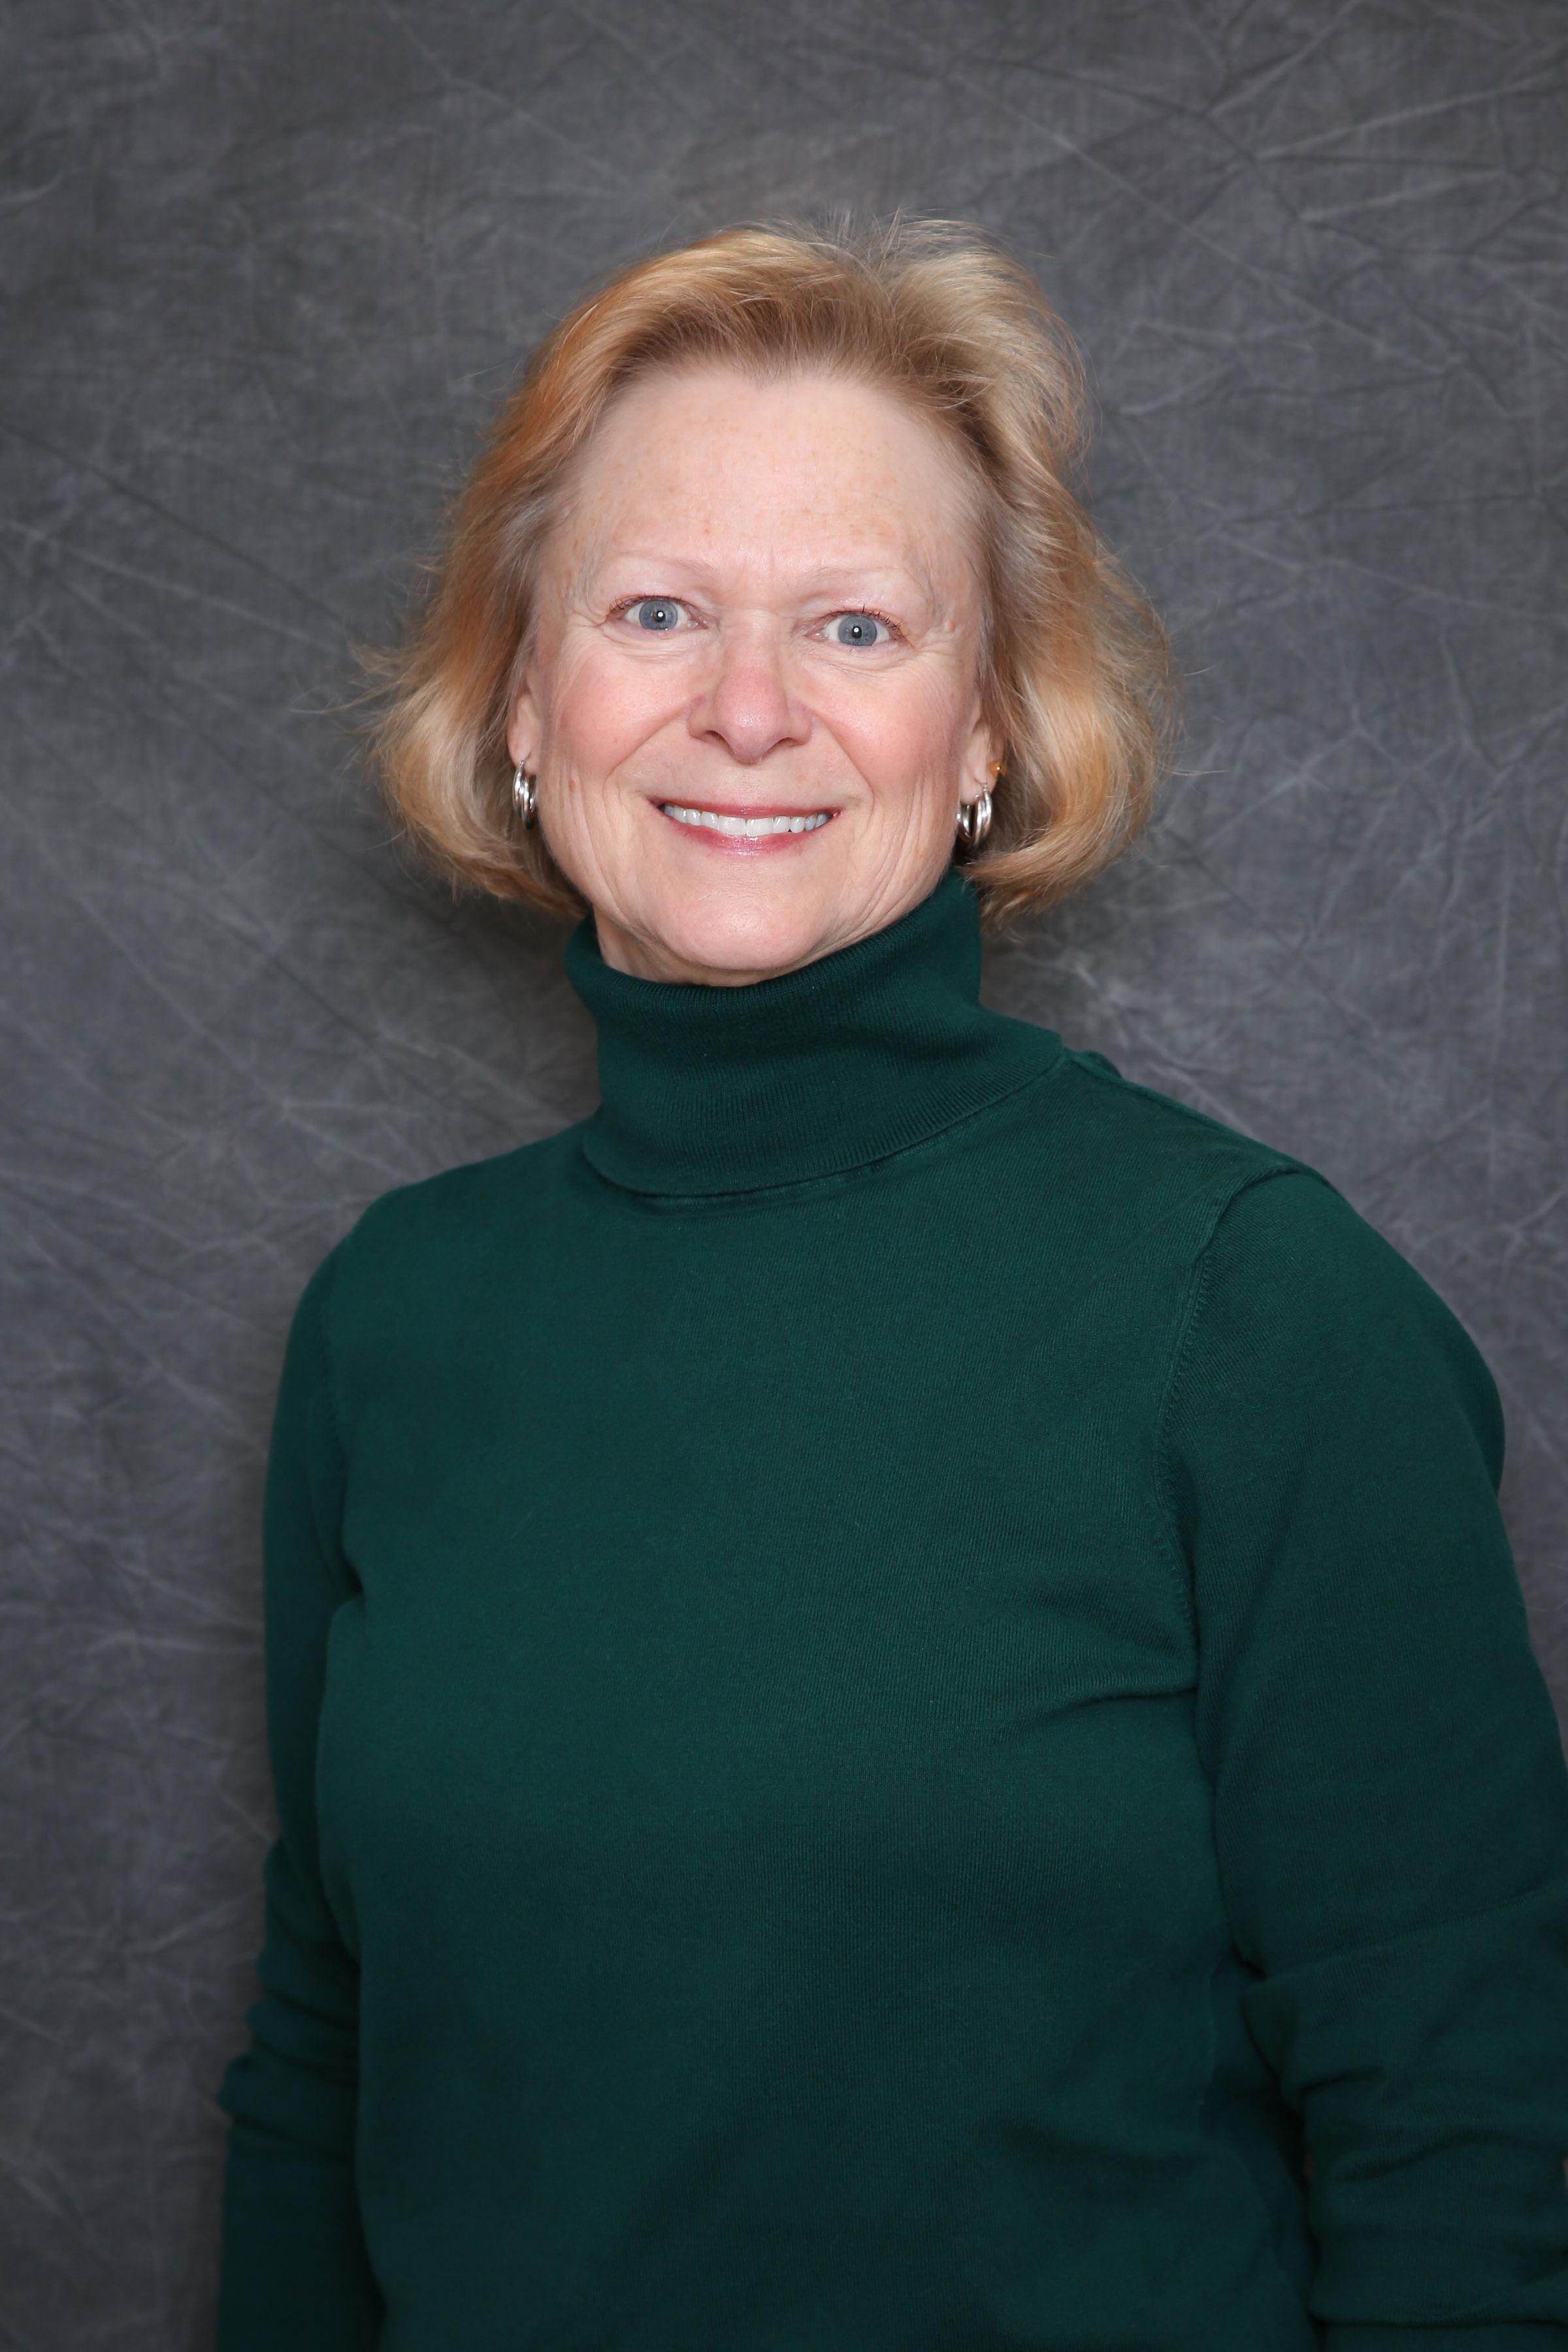 Mary Tomaski